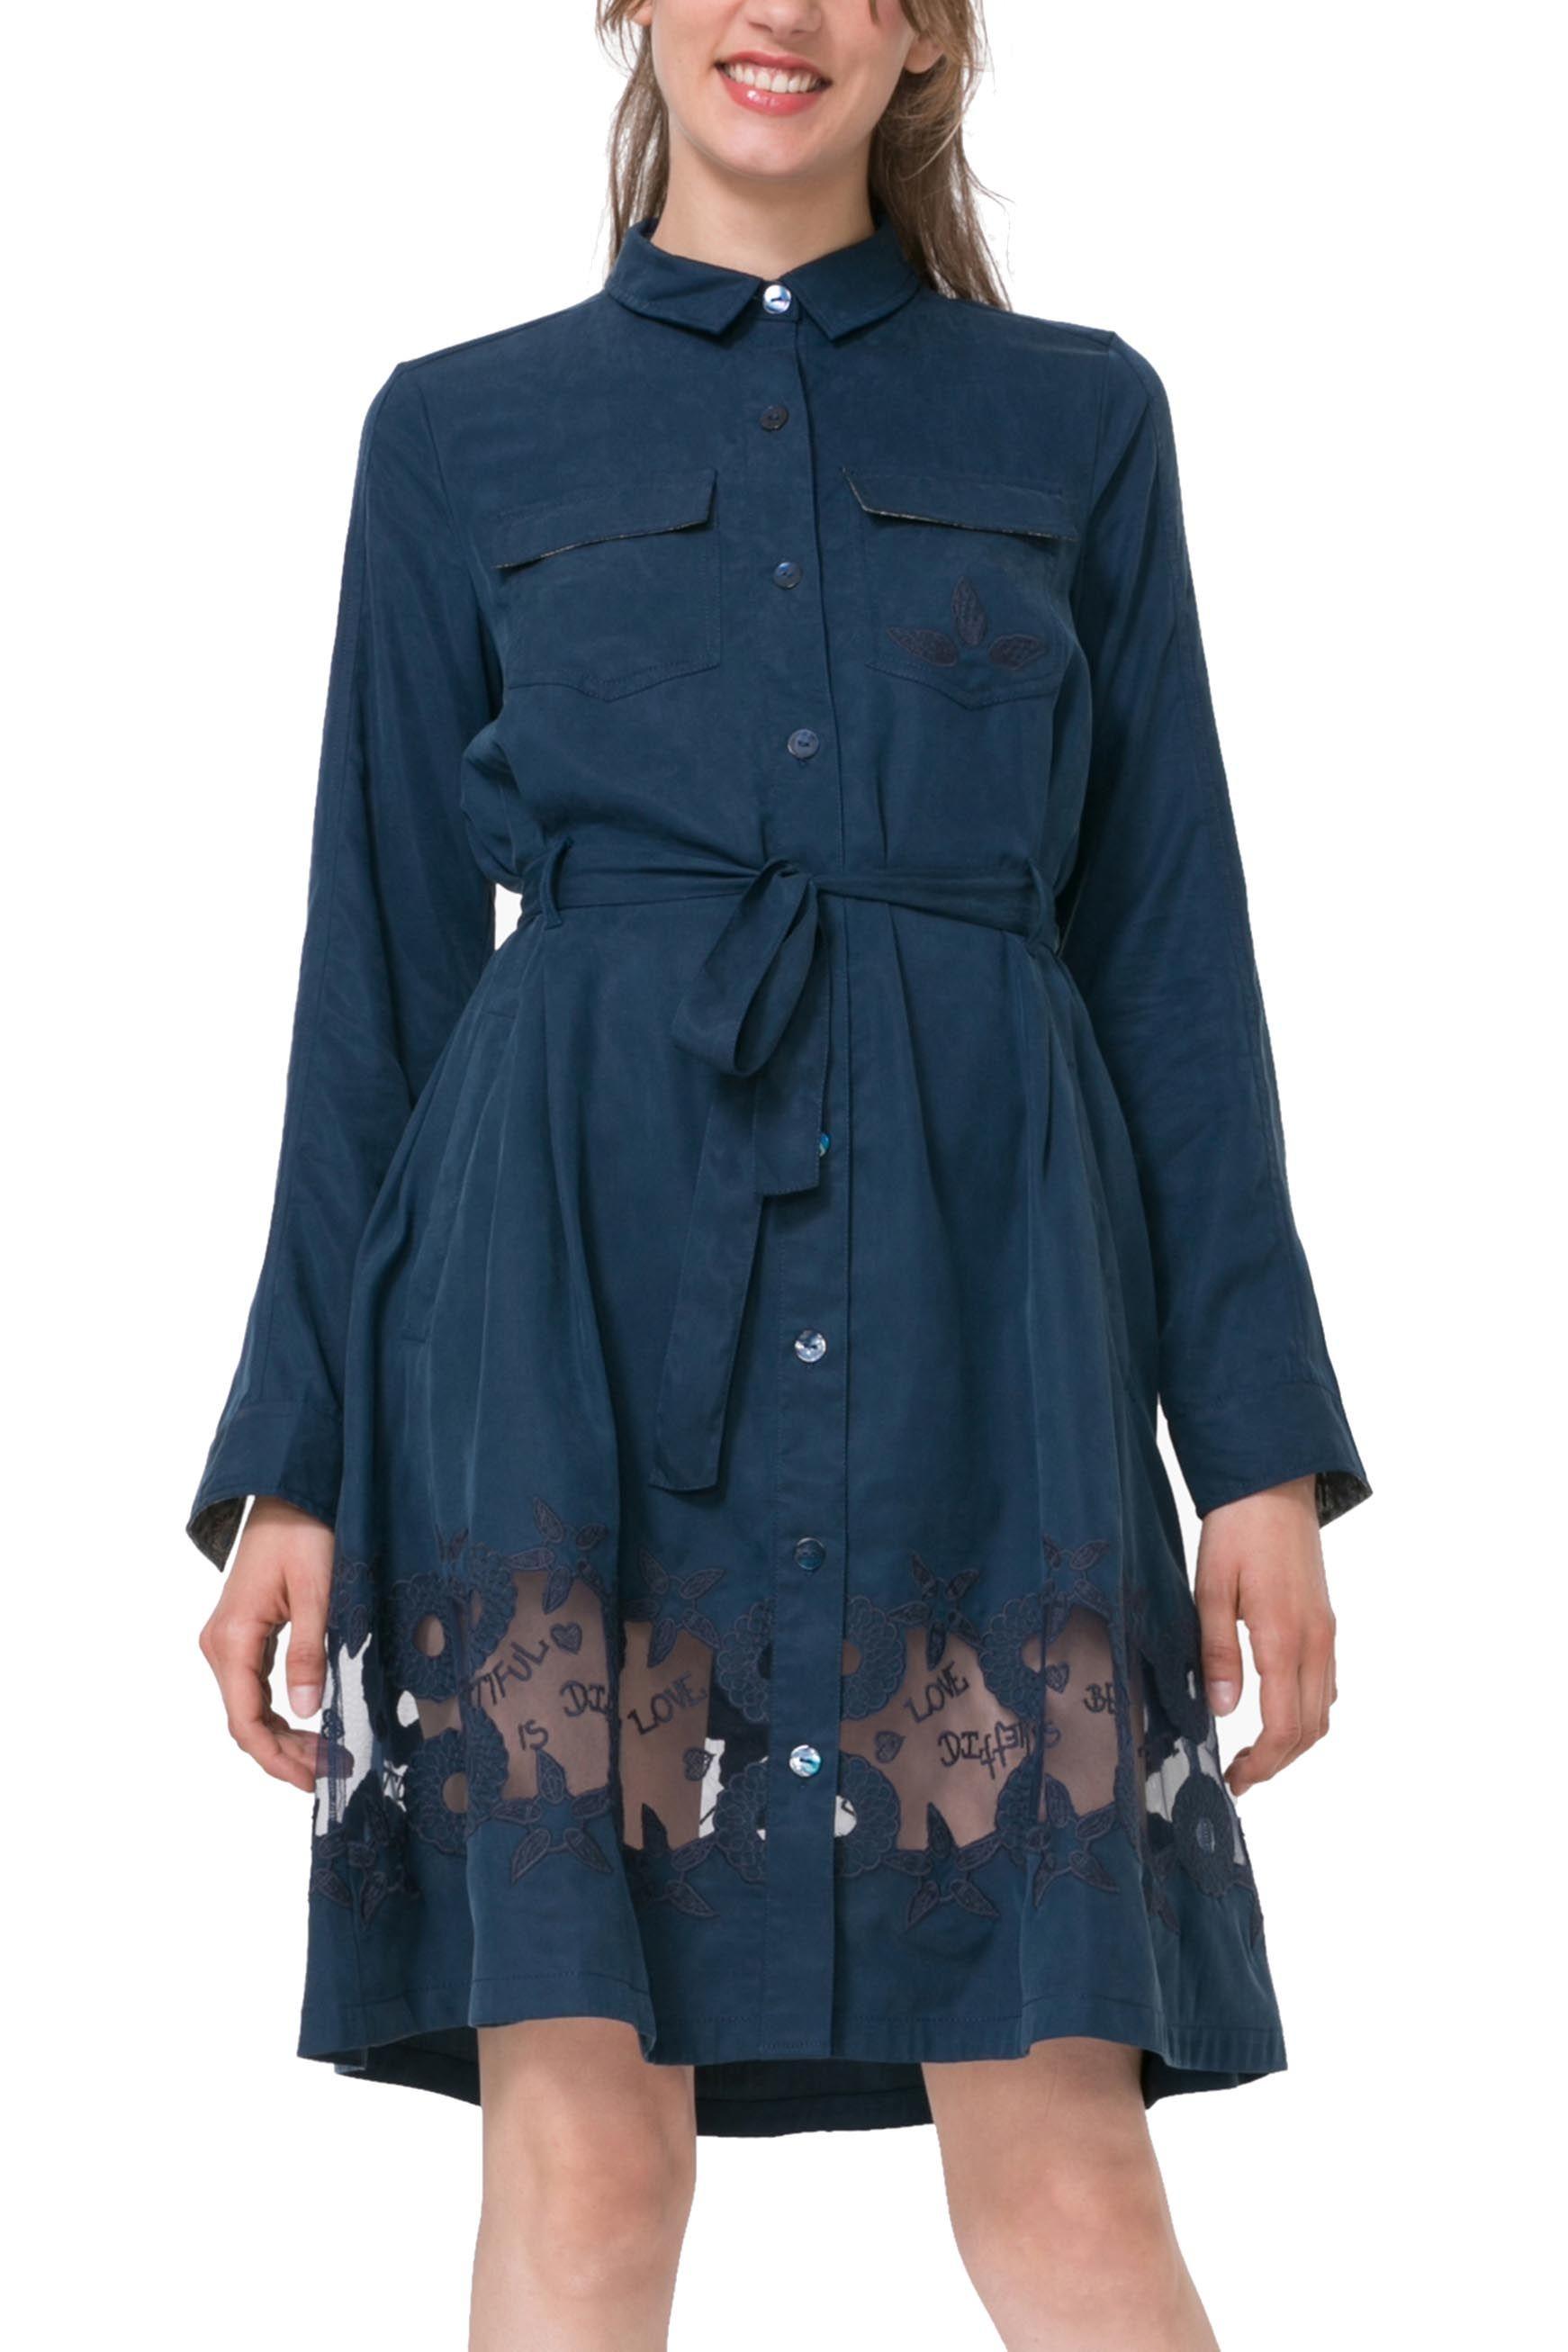 43c5960ac368 Desigual tmavě modré šaty Amelia - 3599 Kč